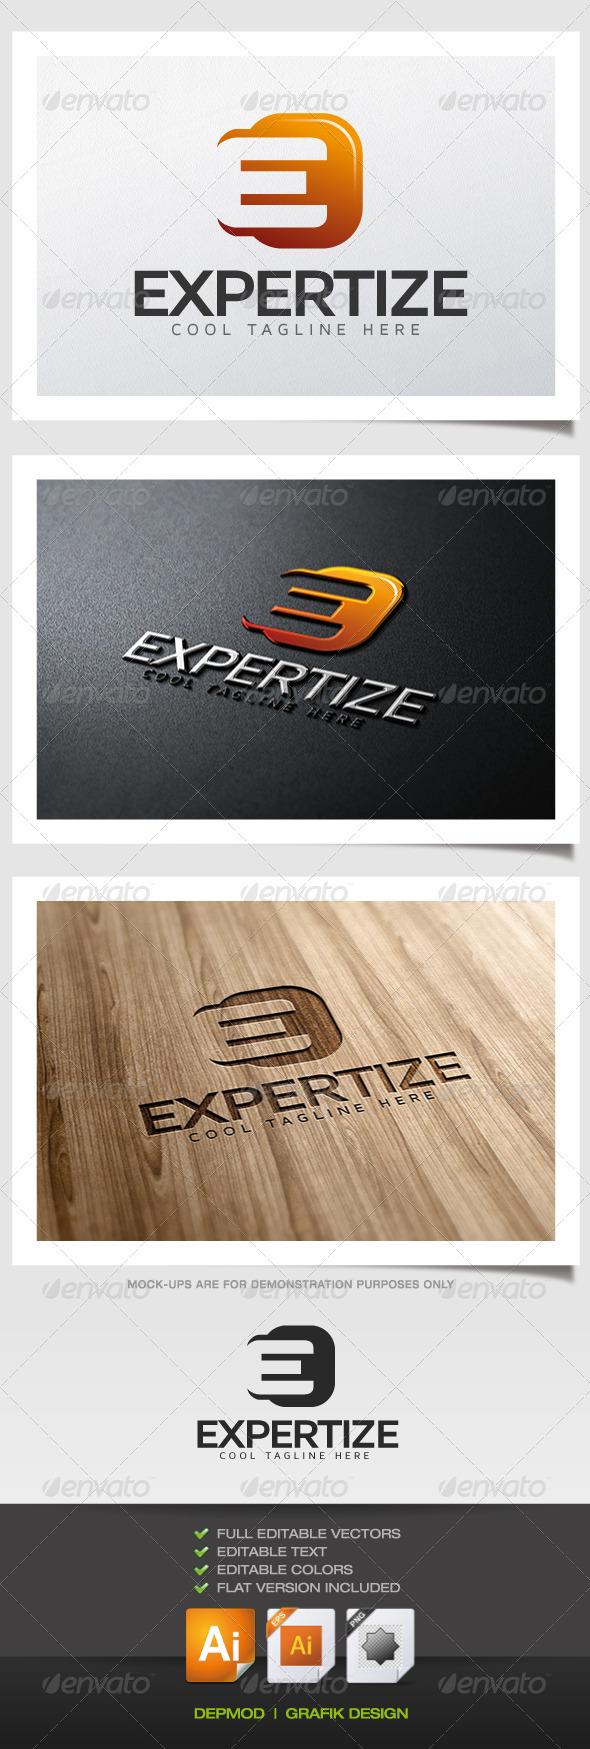 GraphicRiver Expertize Logo 5532282